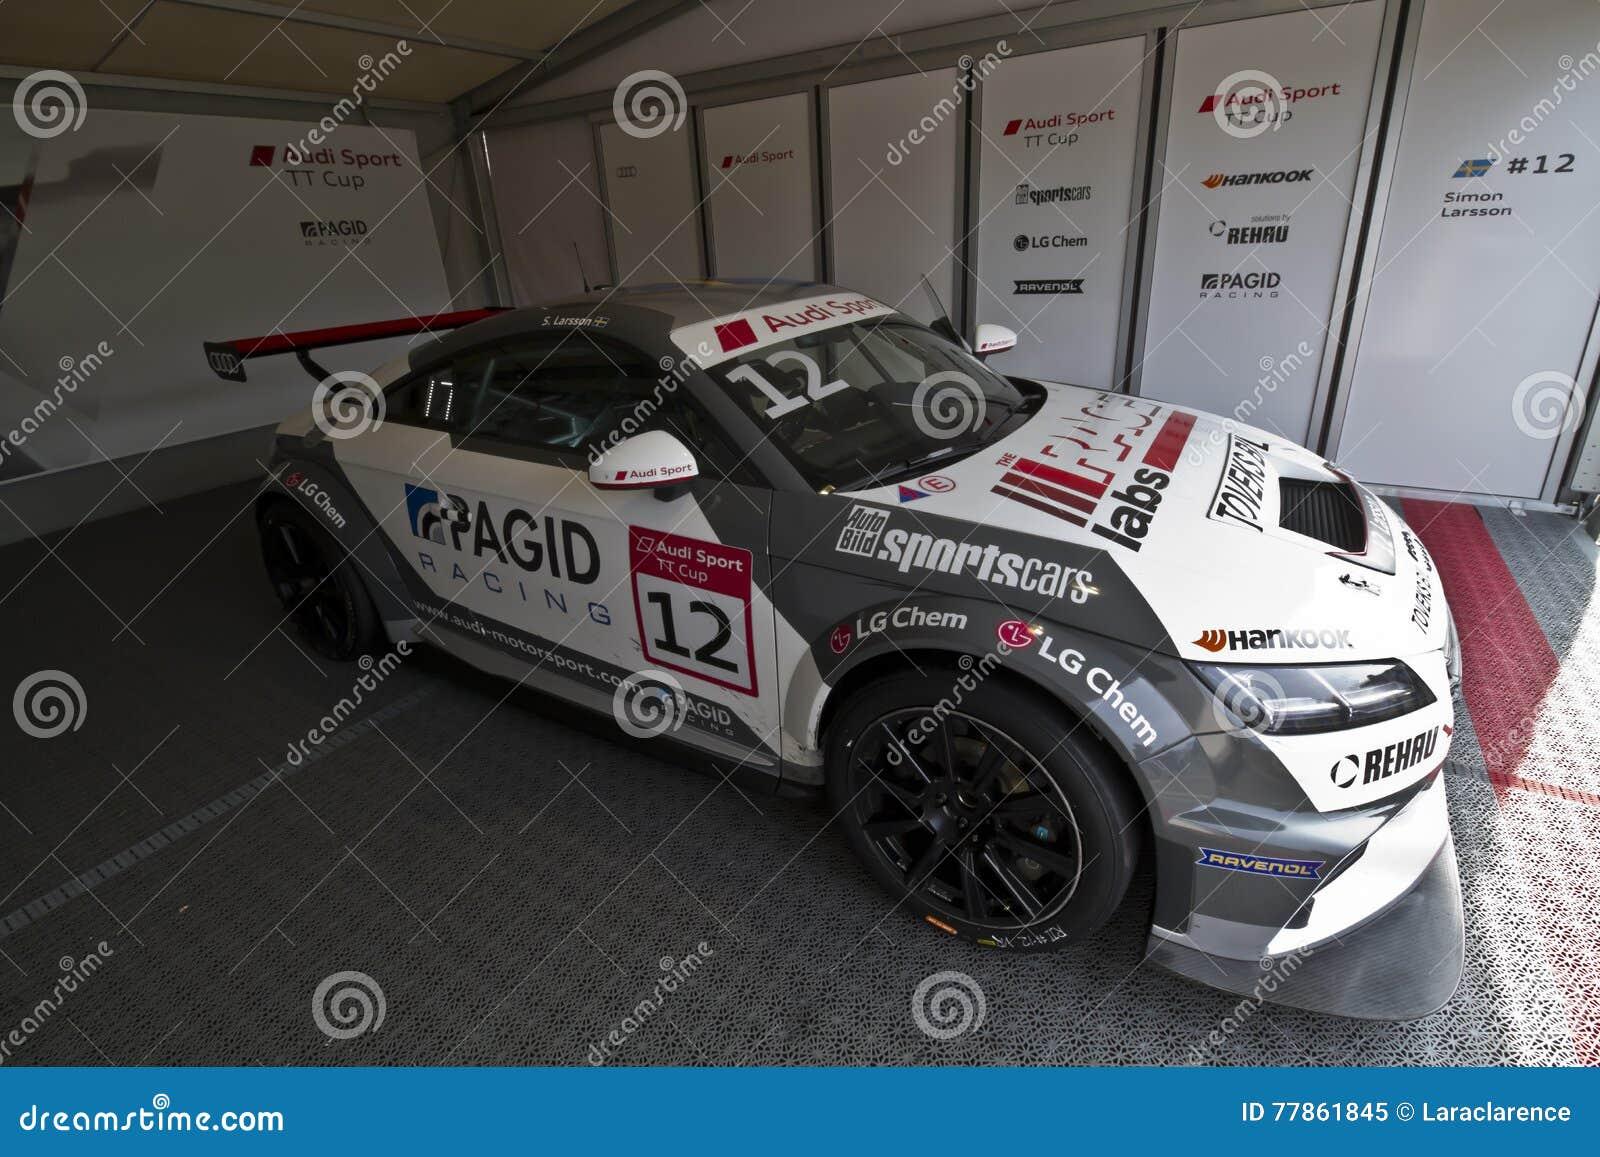 Audi Sport-Auto mit dem Beginnen von Nr. 12 in der Bühne hinter dem Vorhang